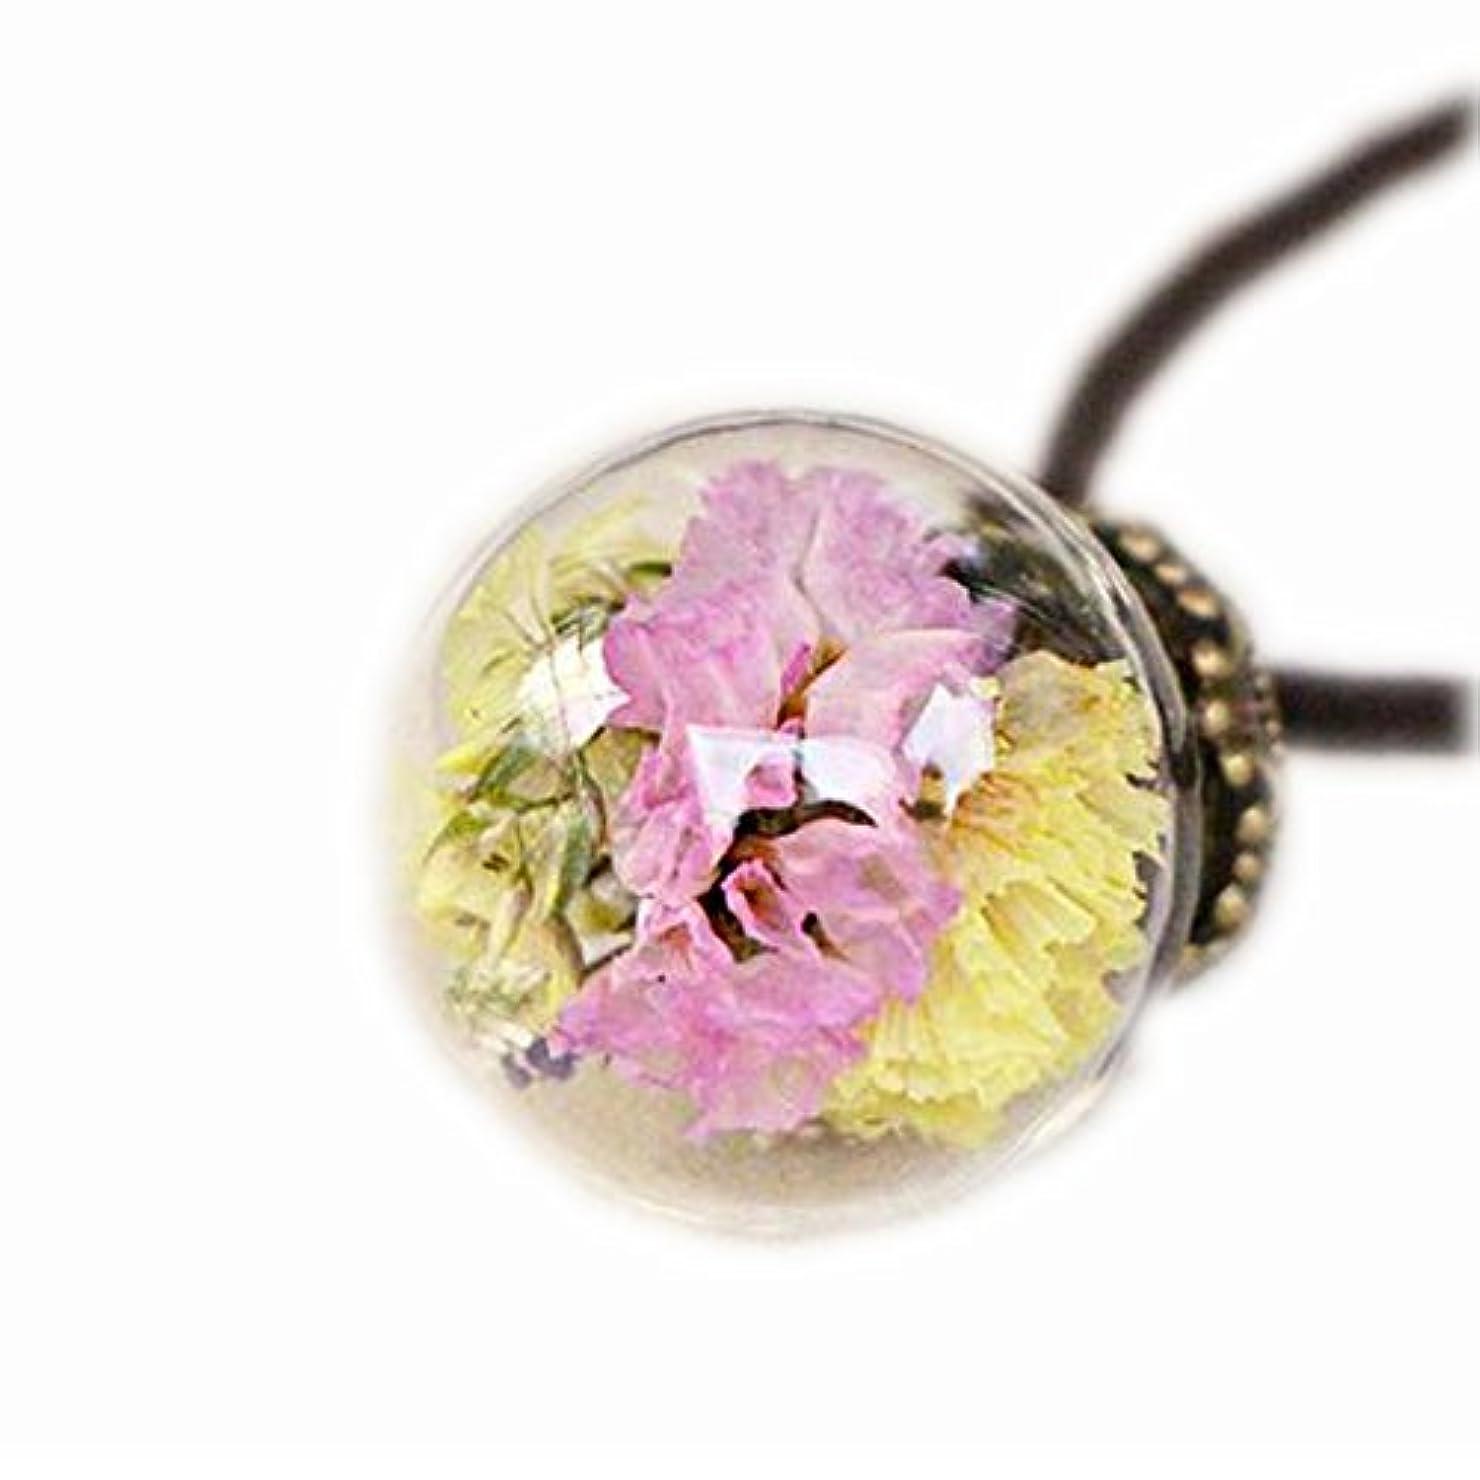 長方形消毒する魅惑的な美しい乾燥した花のペンダントネックレスセーターの装飾品